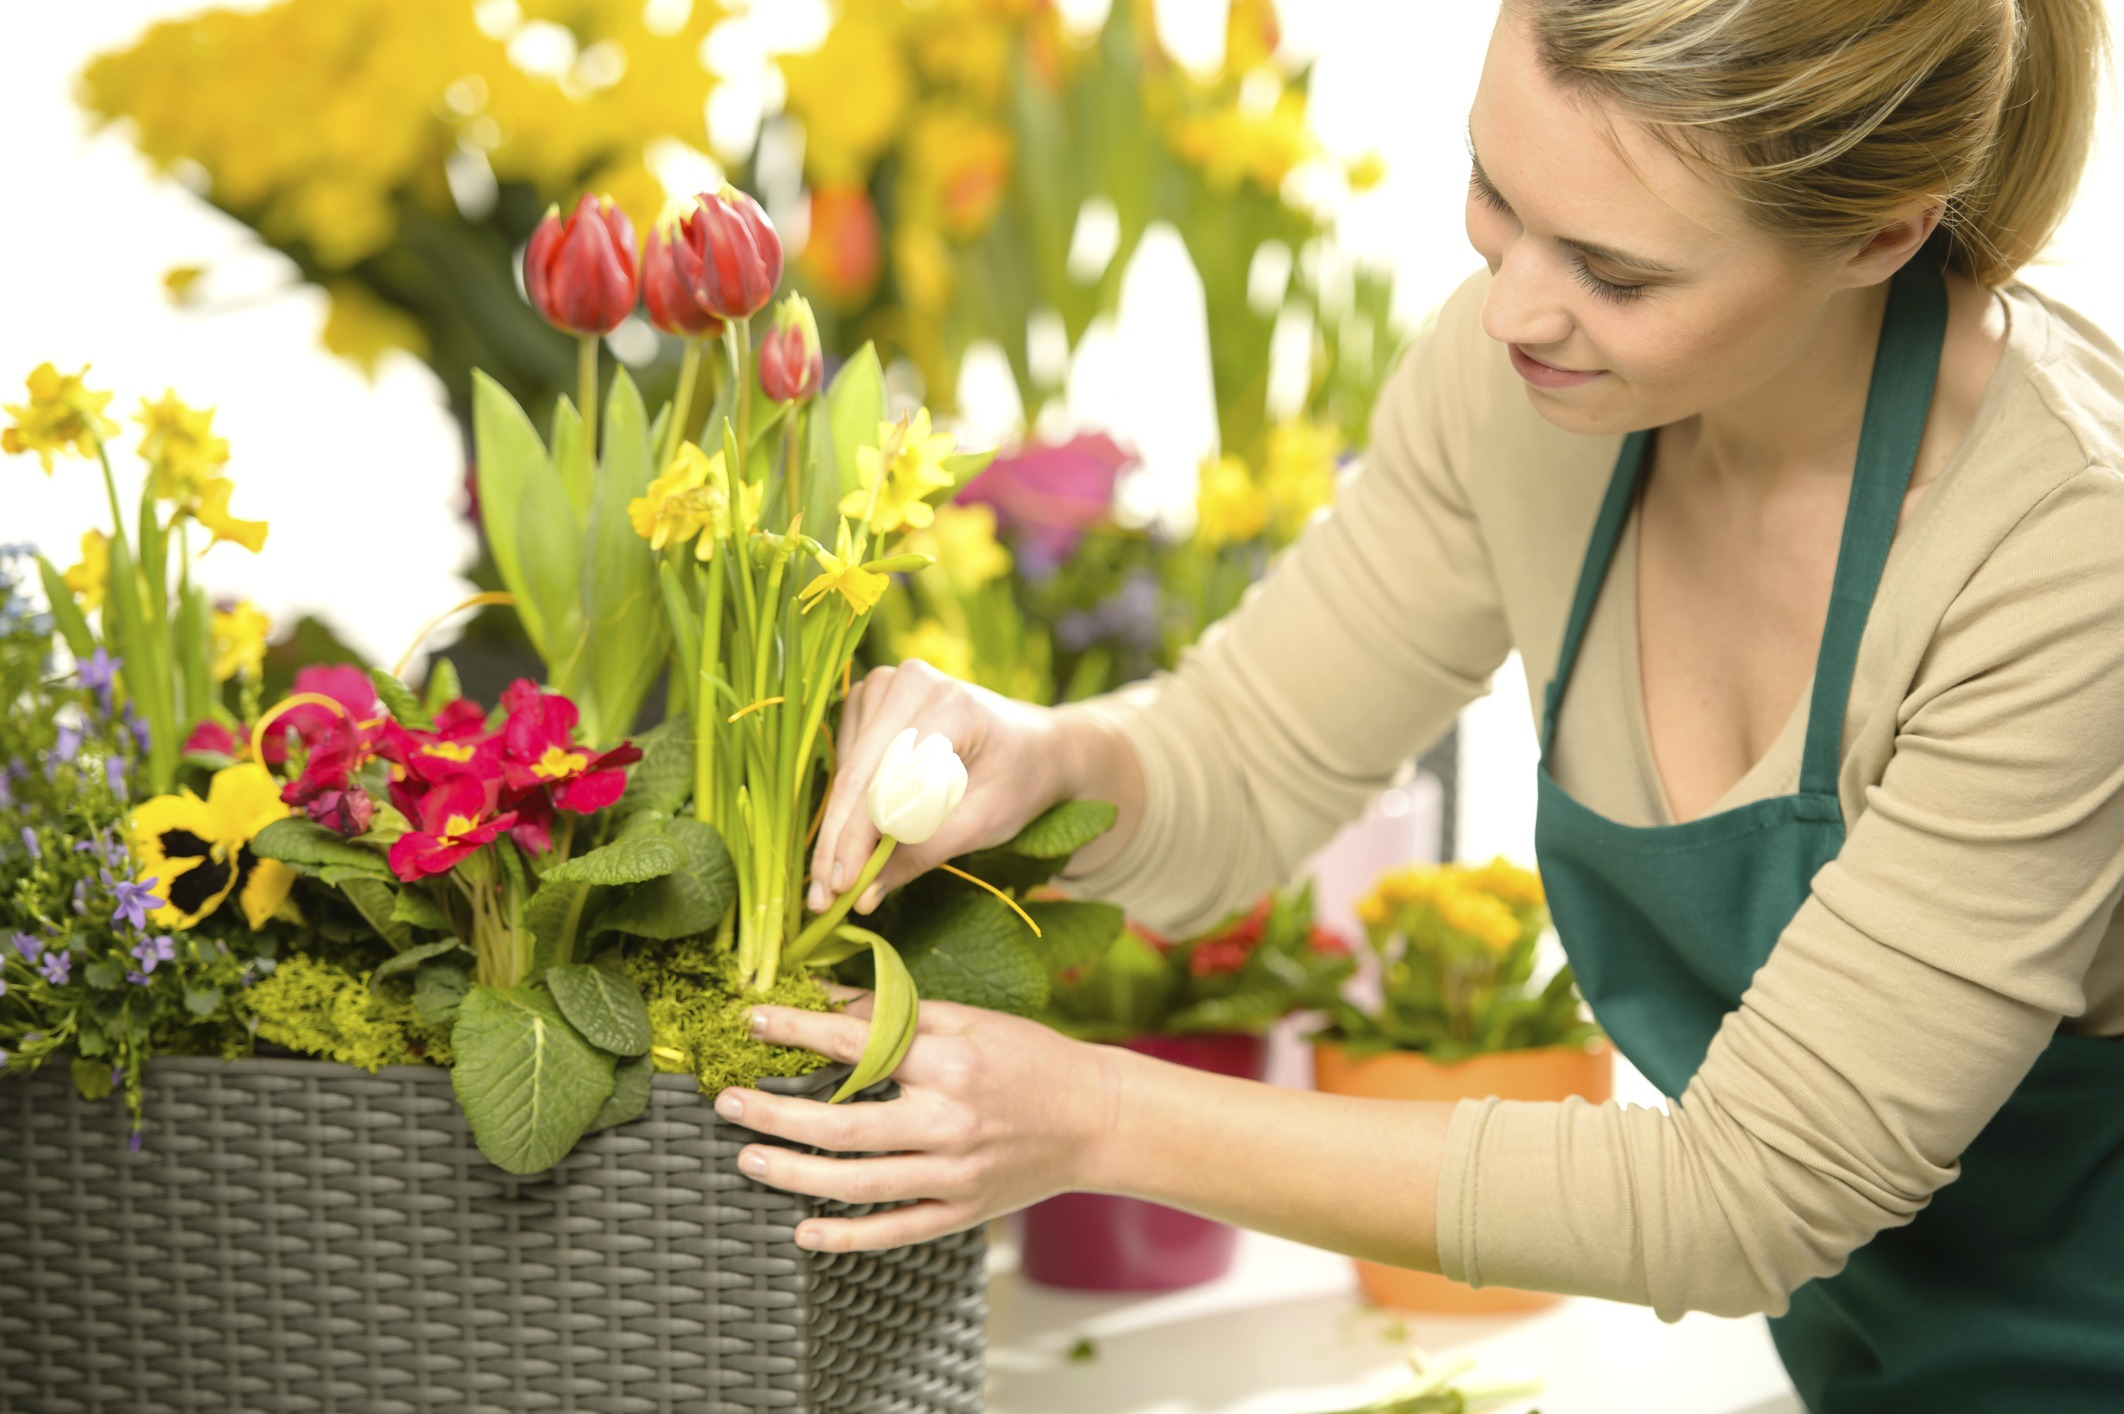 Floristería con envío de flores a domicilio en Sevilla